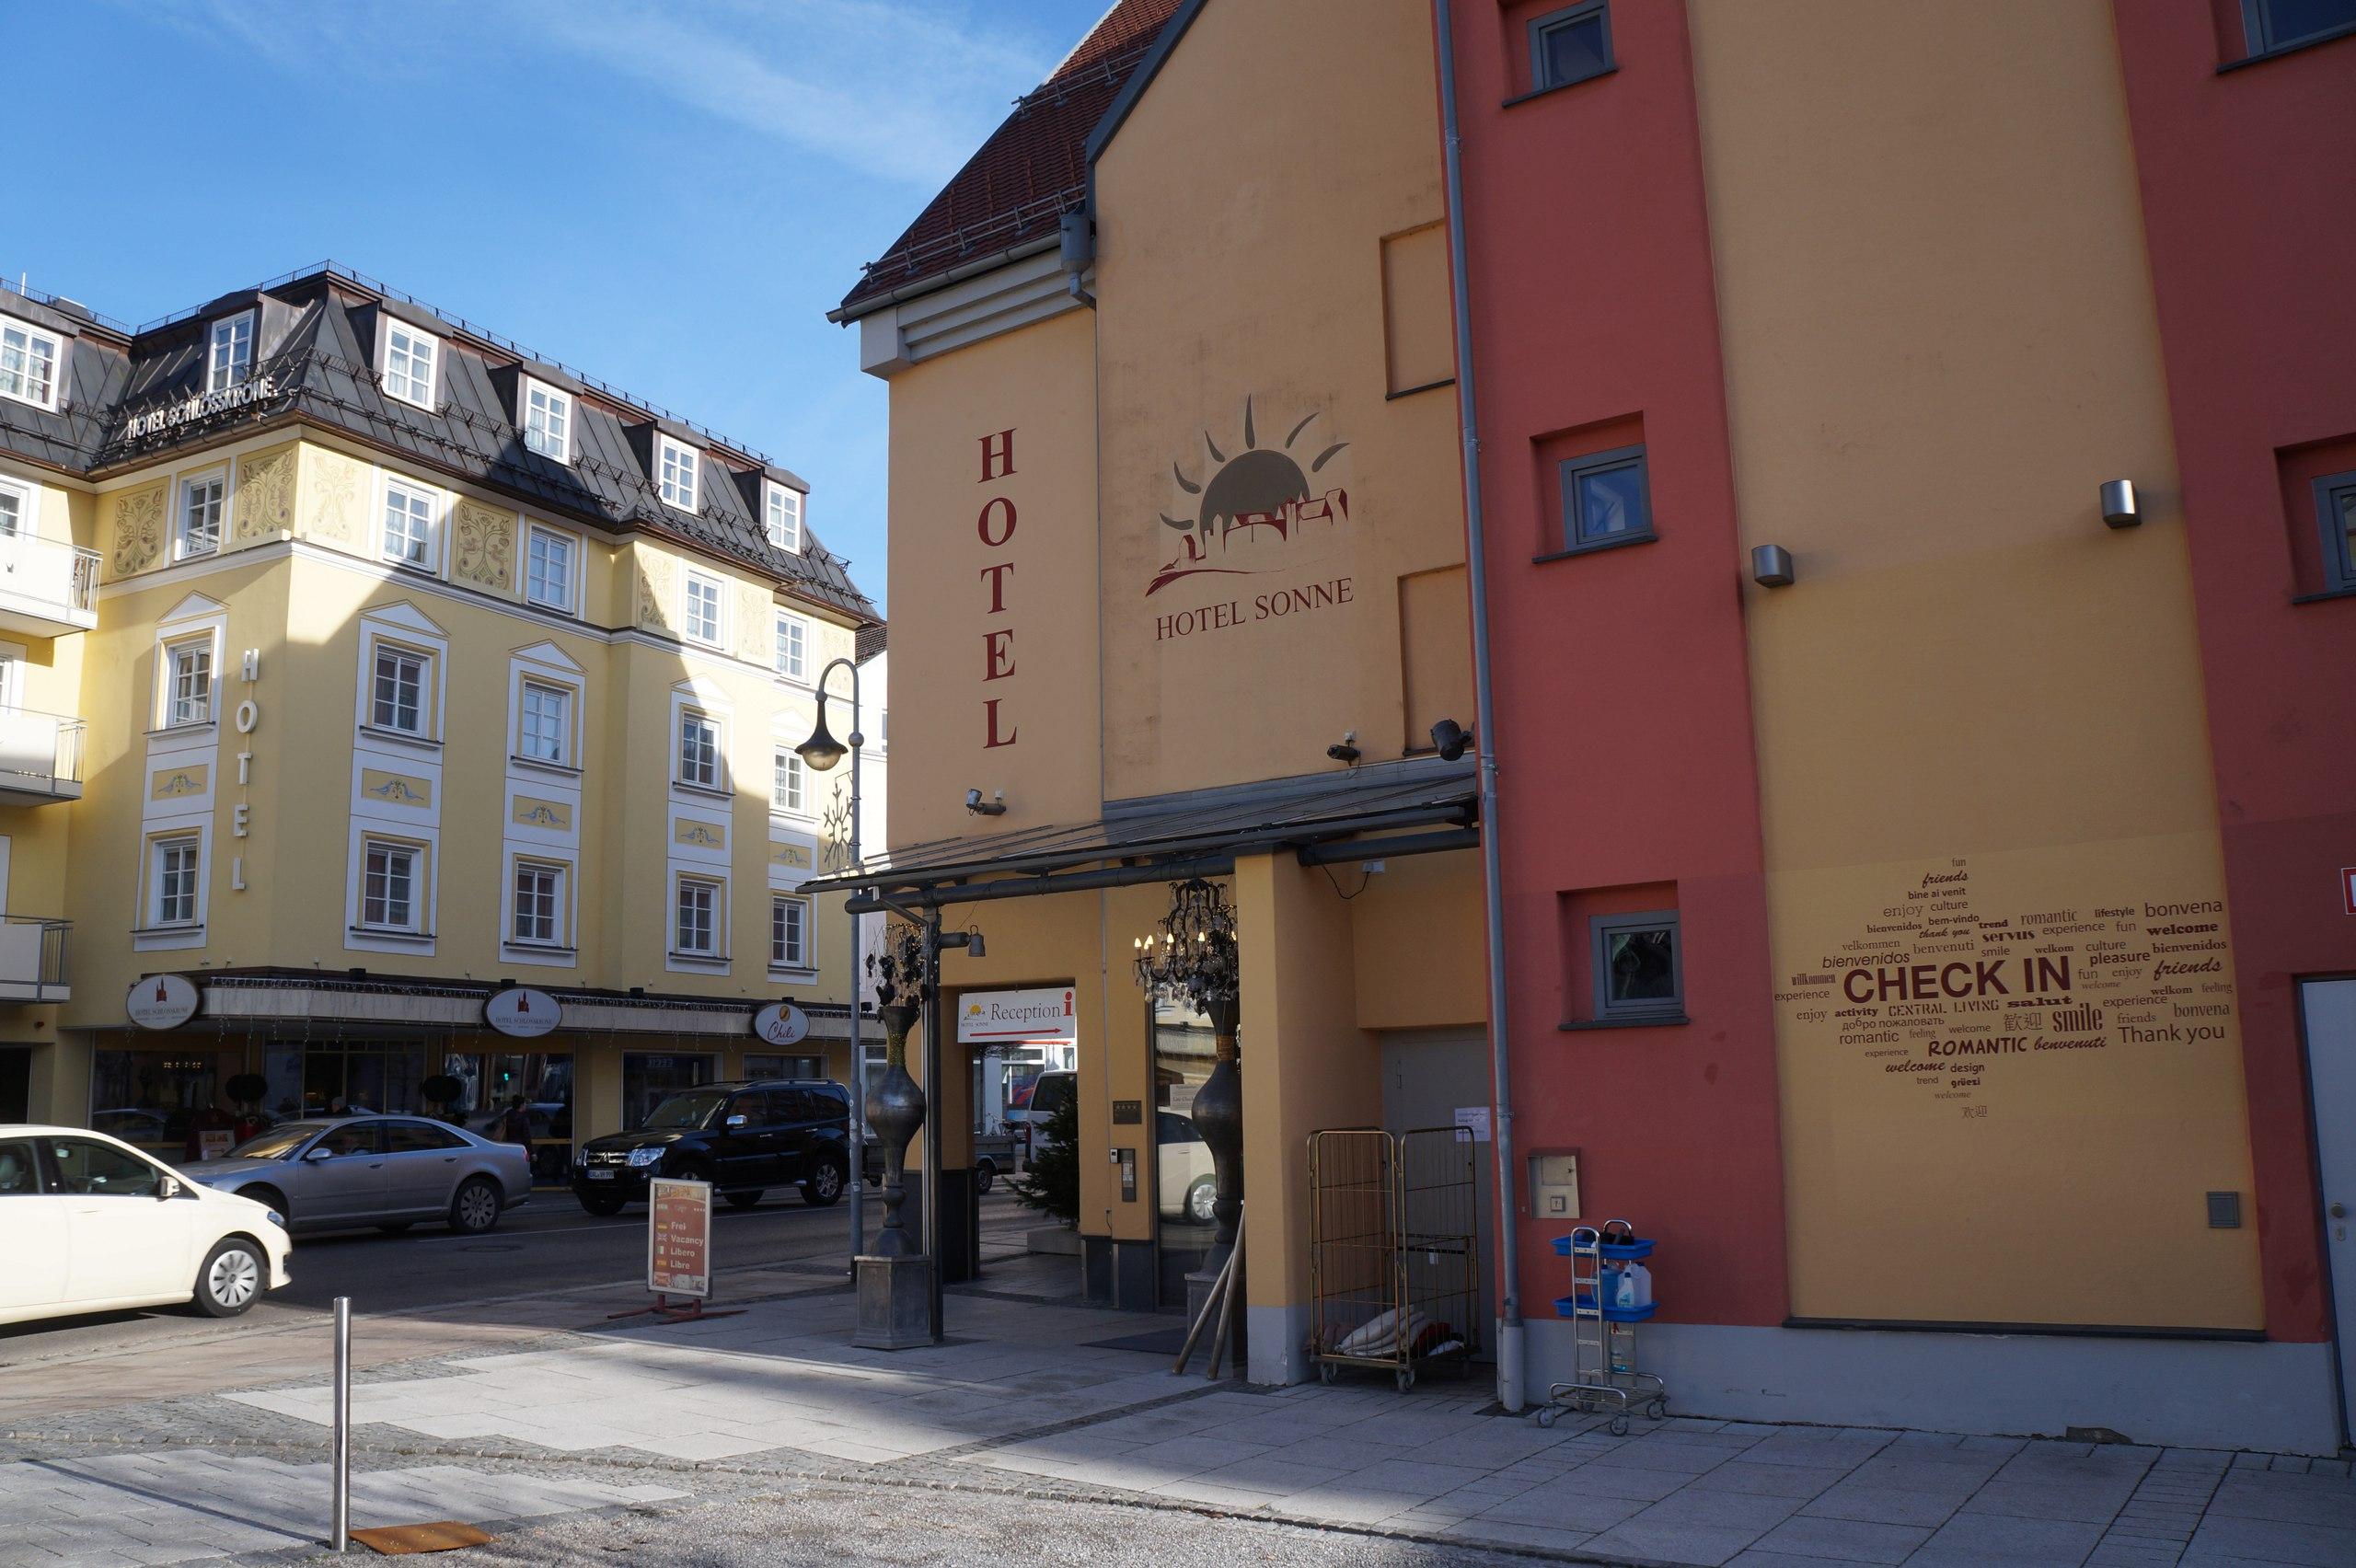 Как выглядит королевский отель в Баварии